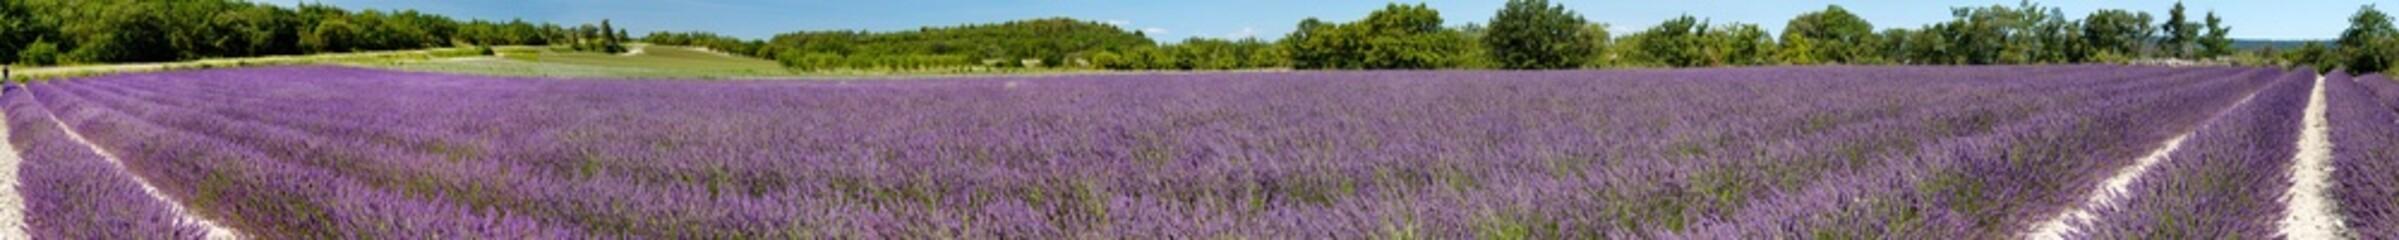 Spoed Fotobehang Lavendel Panorama d'un champ de lavande